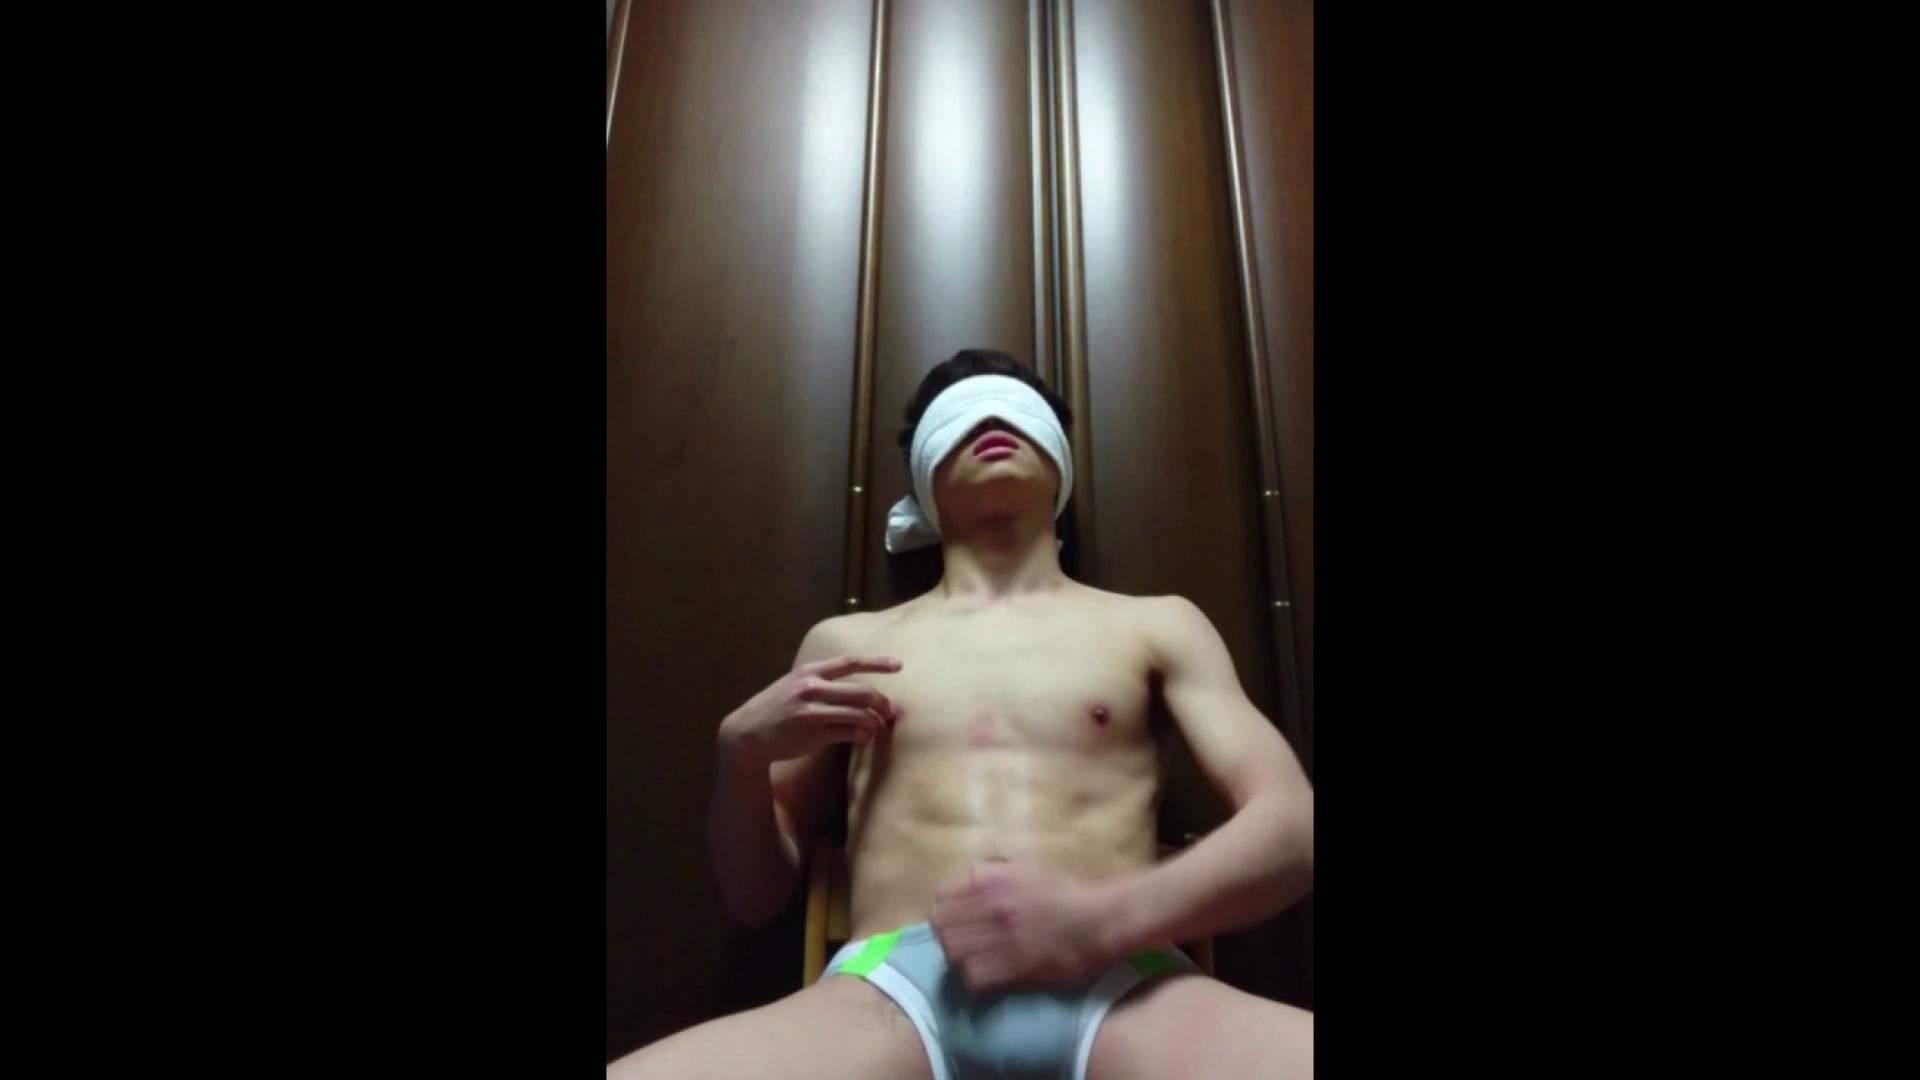 個人撮影 自慰の極意 Vol.21 オナニー  59pic 54